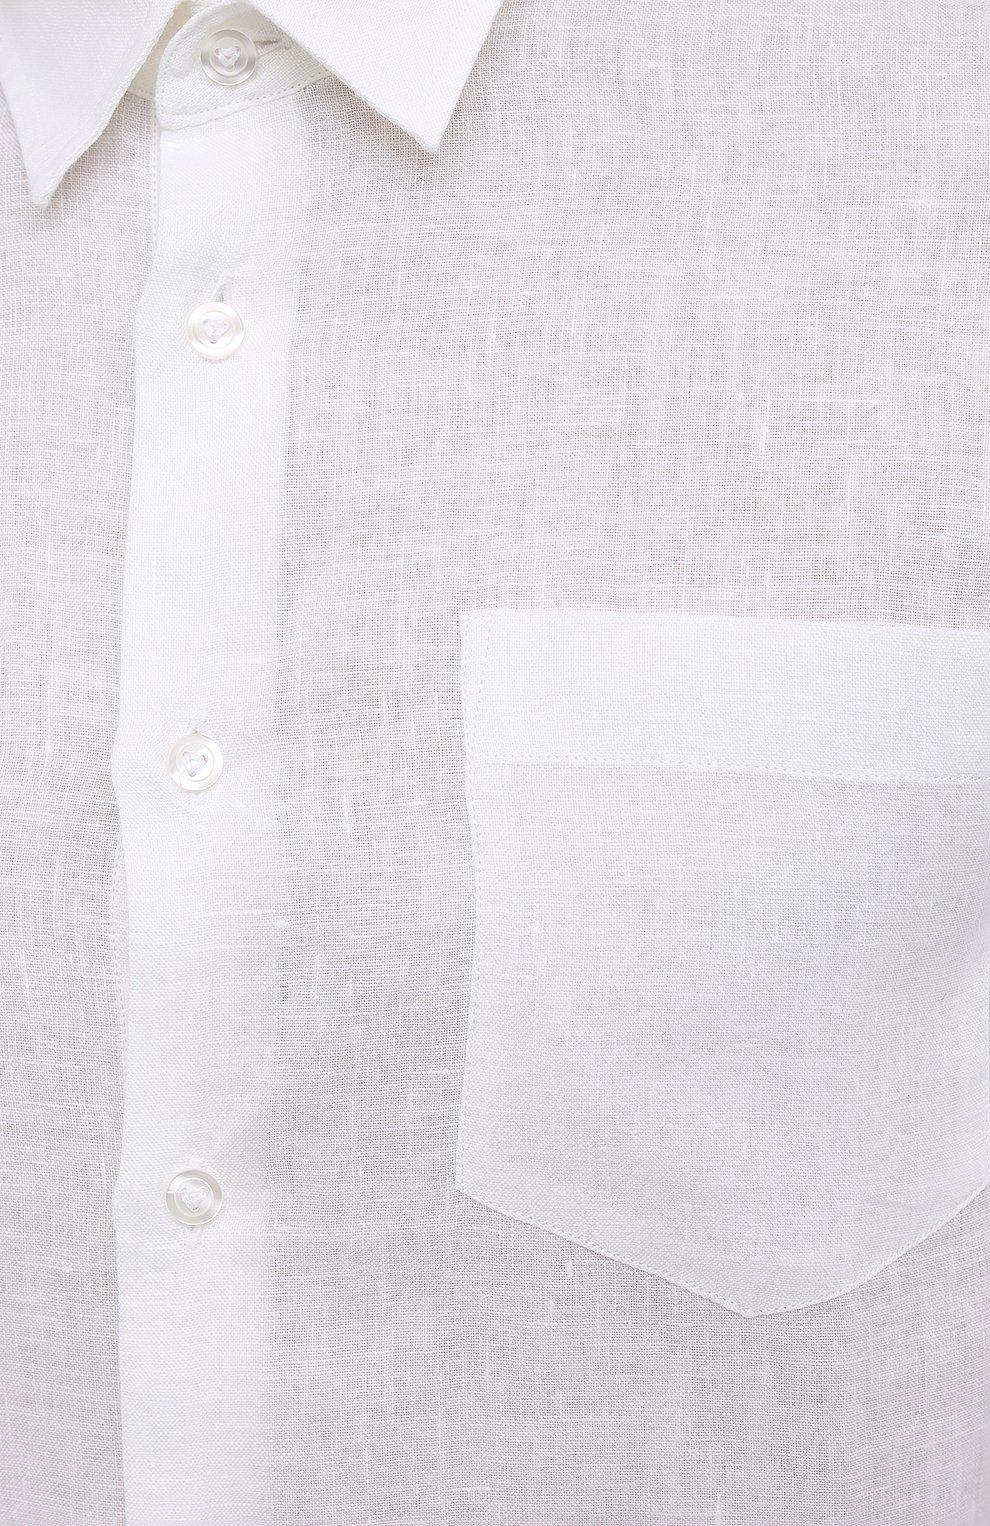 Мужская льняная рубашка VILEBREQUIN белого цвета, арт. CRSP601P/010   Фото 5 (Манжеты: На пуговицах; Воротник: Кент; Рукава: Длинные; Случай: Повседневный; Длина (для топов): Стандартные; Материал внешний: Лен; Принт: Однотонные; Стили: Кэжуэл)